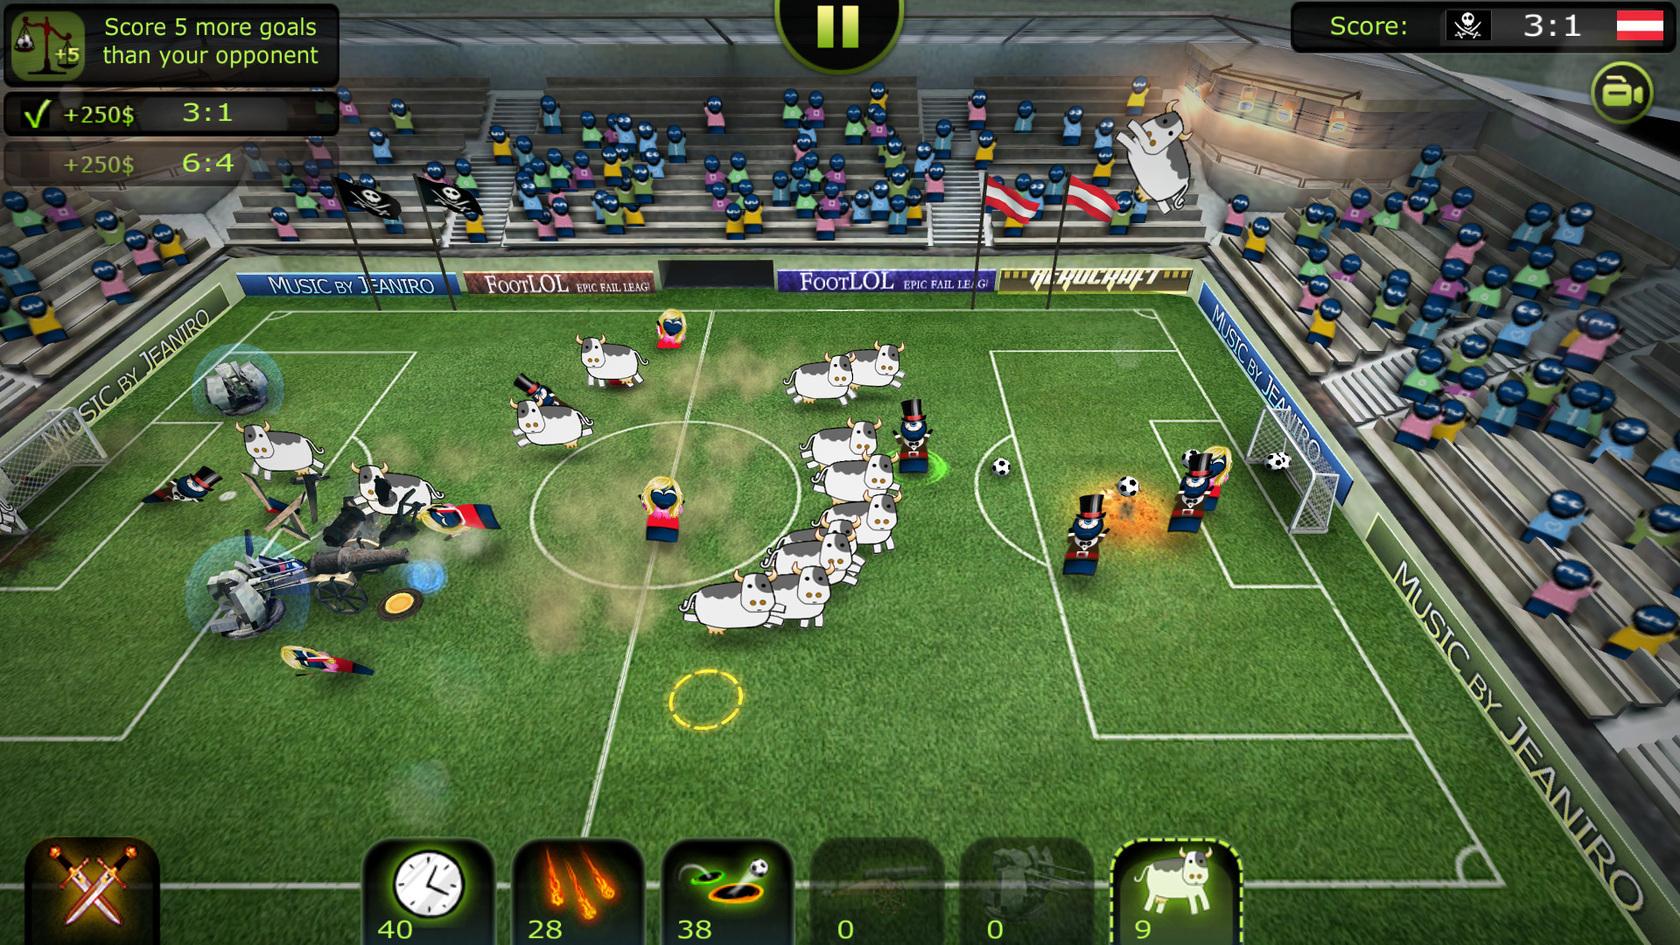 Скачать бесплатно игру мини футбол на компьютер